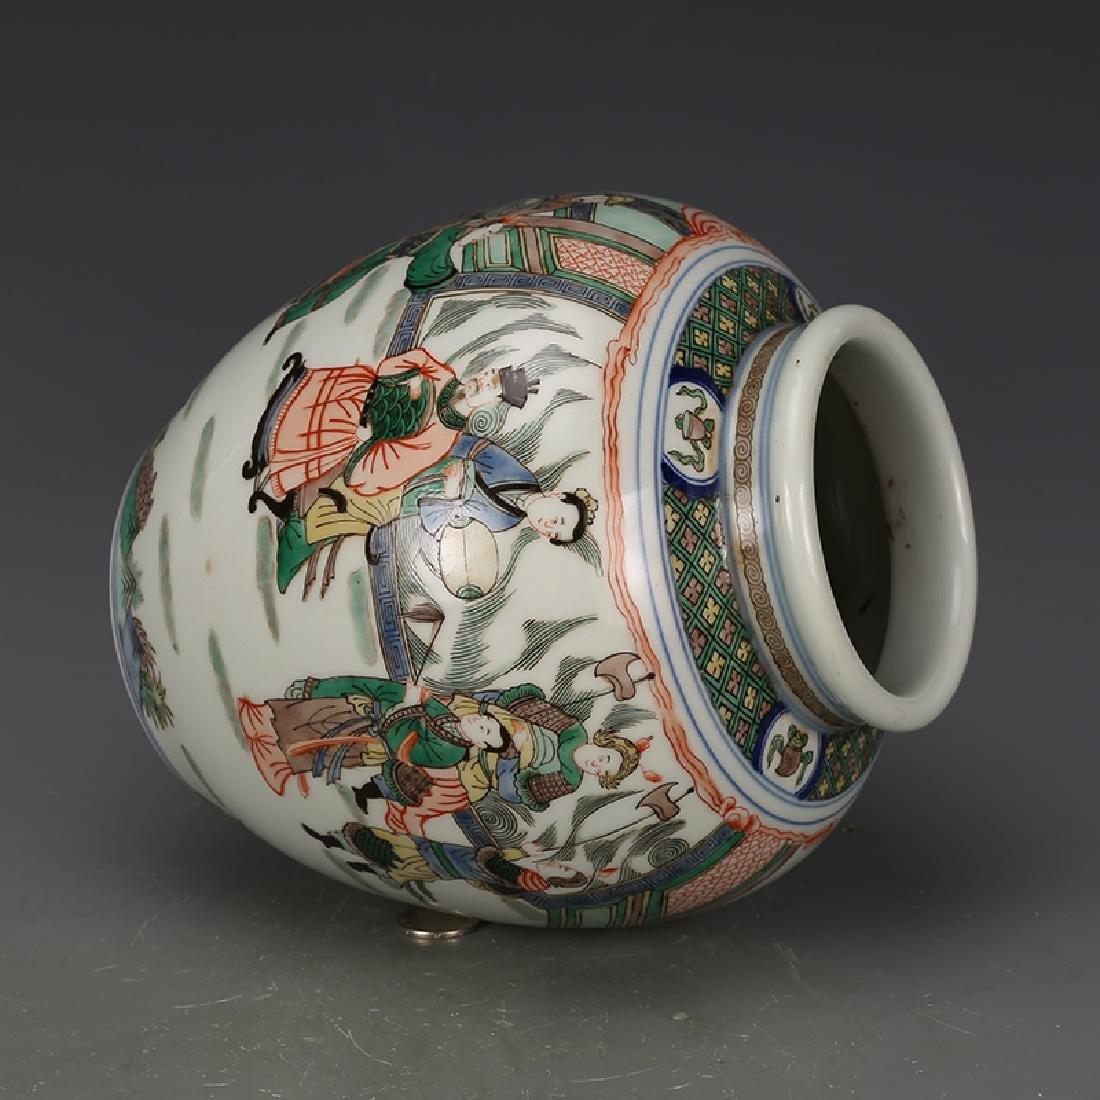 Chinese Wucai Porcelain Ginger Jar - 2